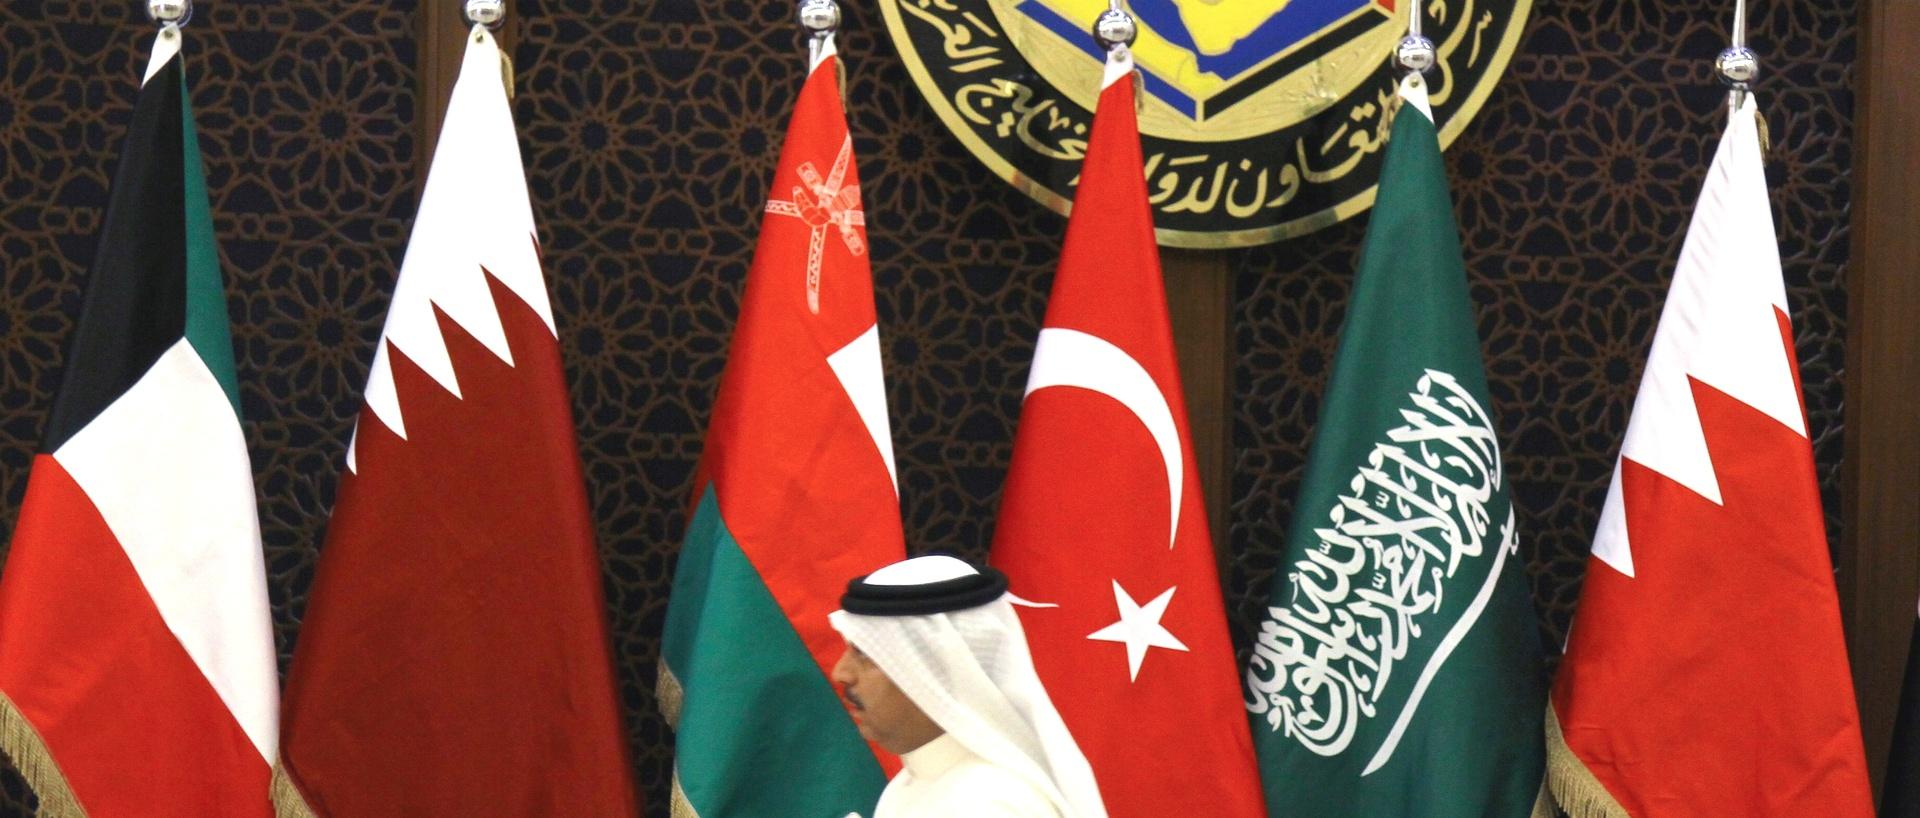 مدينة العلا السعودية تستعد لاحتضان القمة الخليجية الـ 41